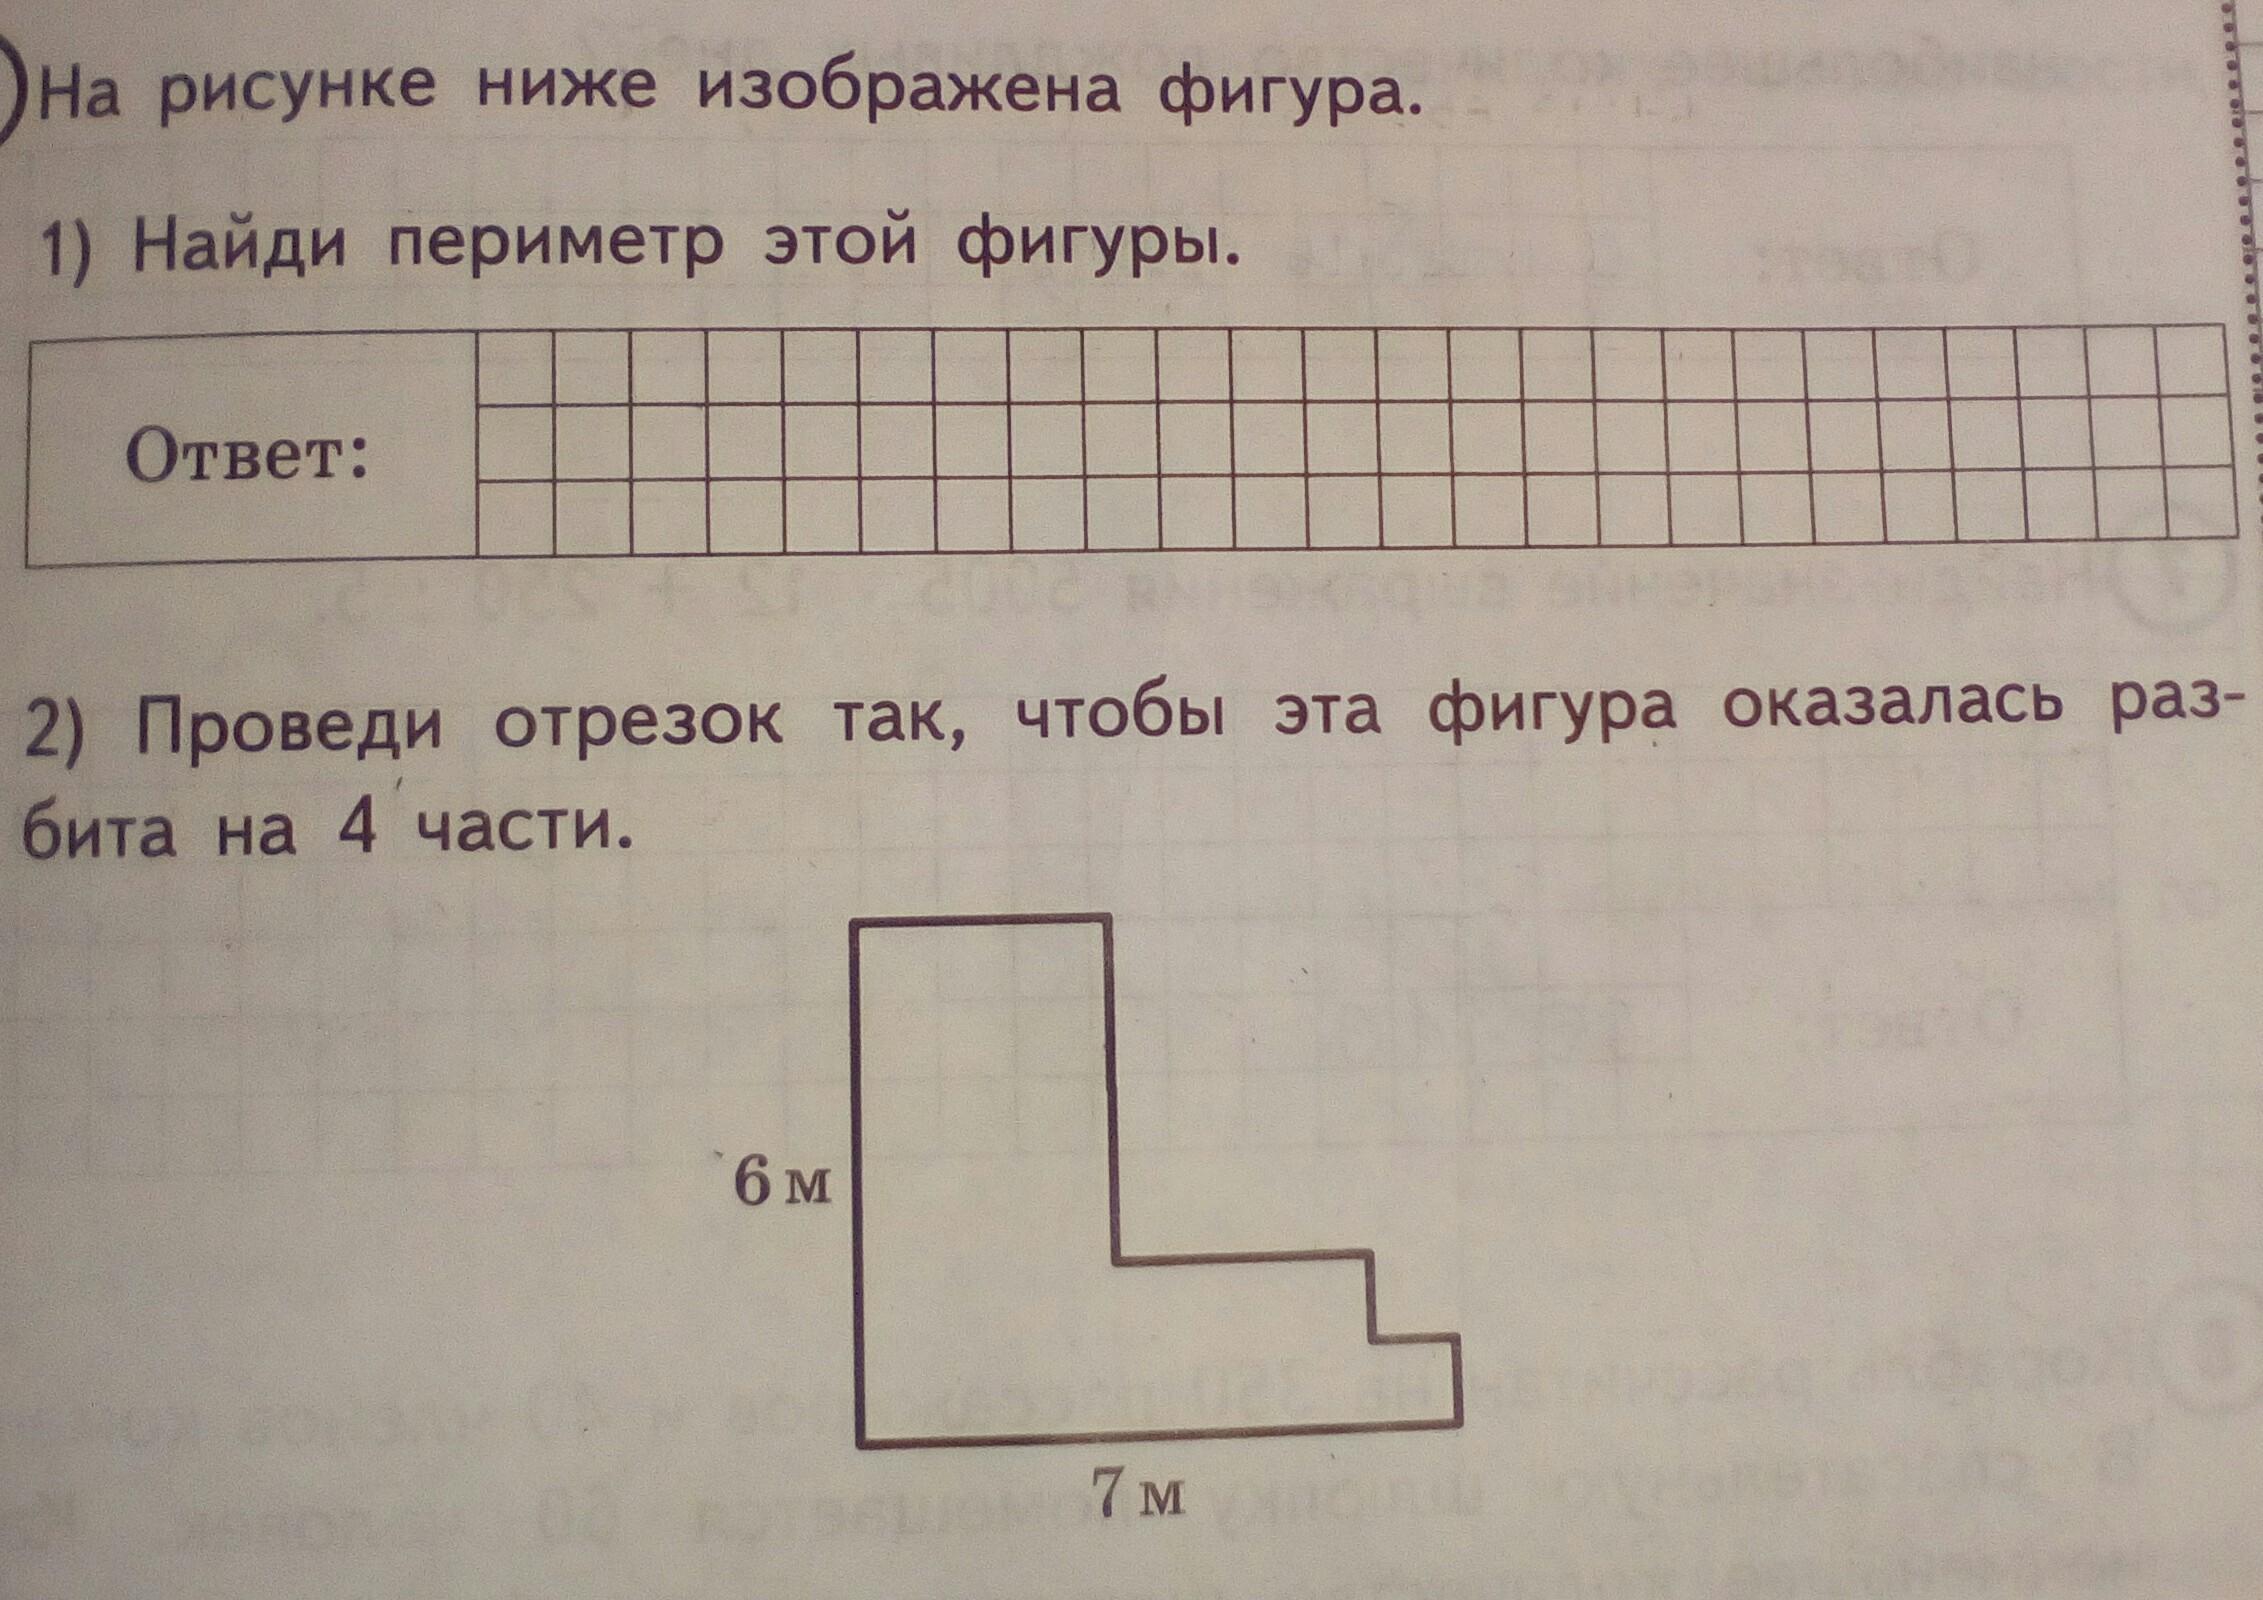 На рисунке ниже изображена фигура найдите периметр